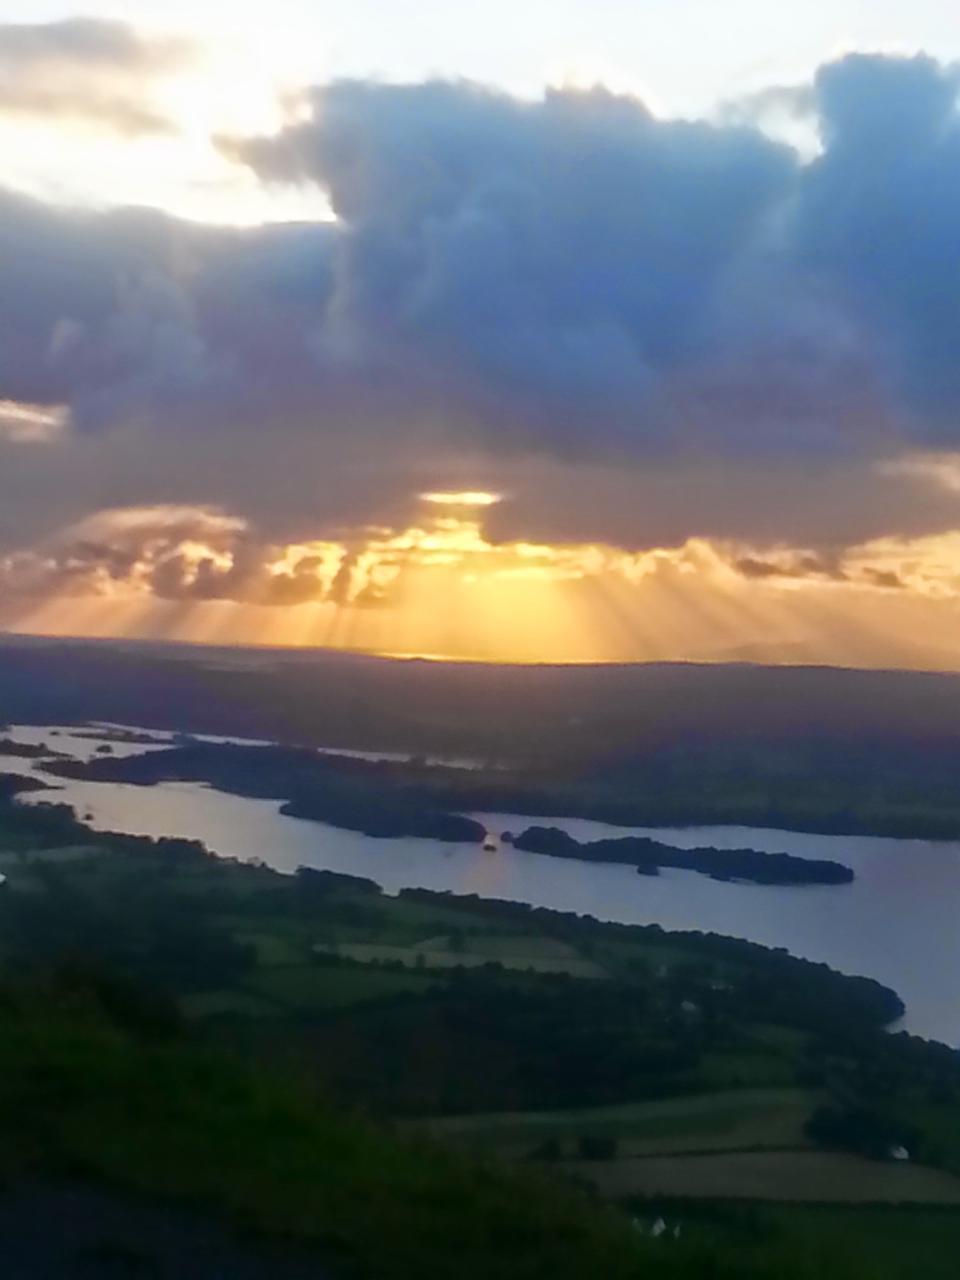 Beautiful Watery Fermanagh in 2014 - Maeve O'Lynn